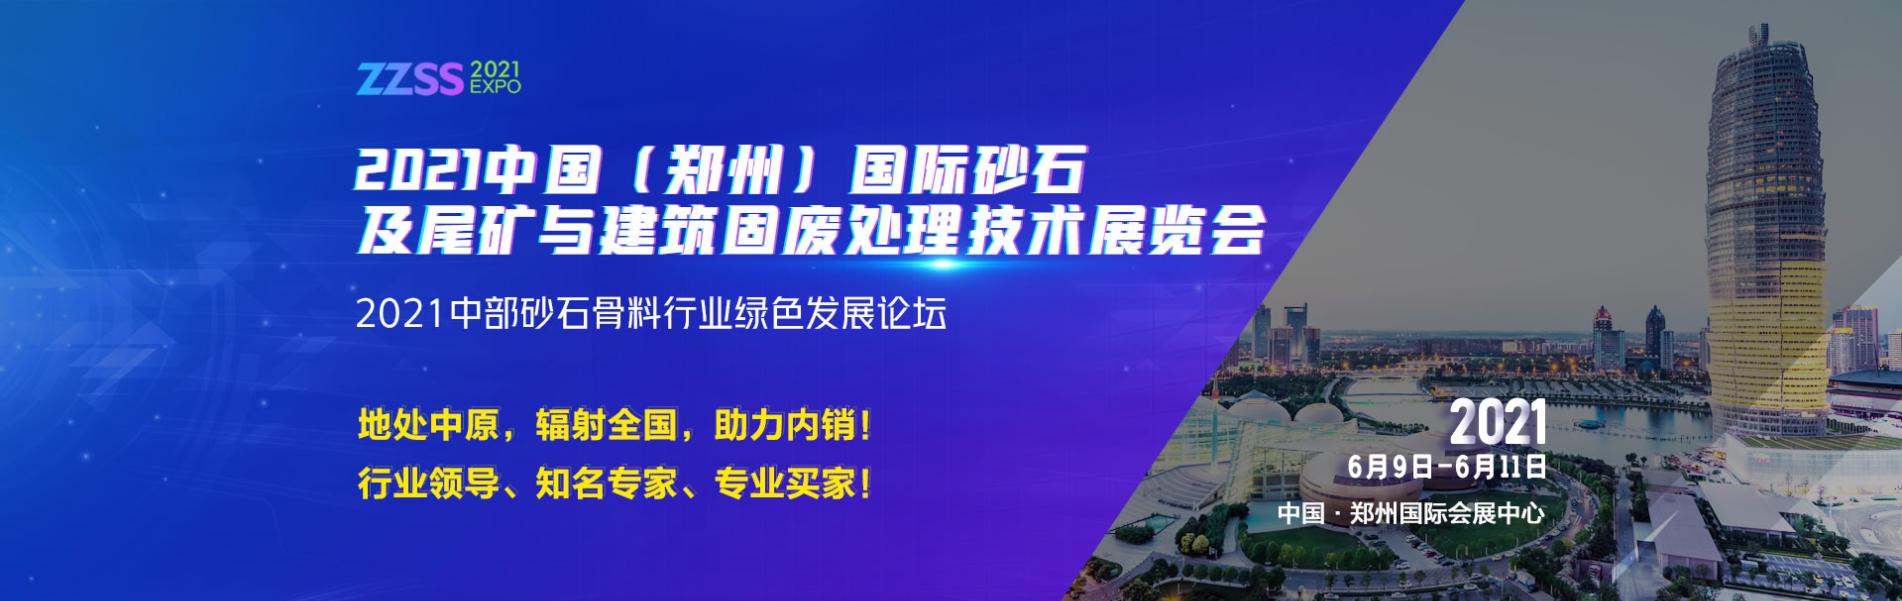 2021中国(郑州)国际砂石及尾矿与建筑固废处理技术展览会